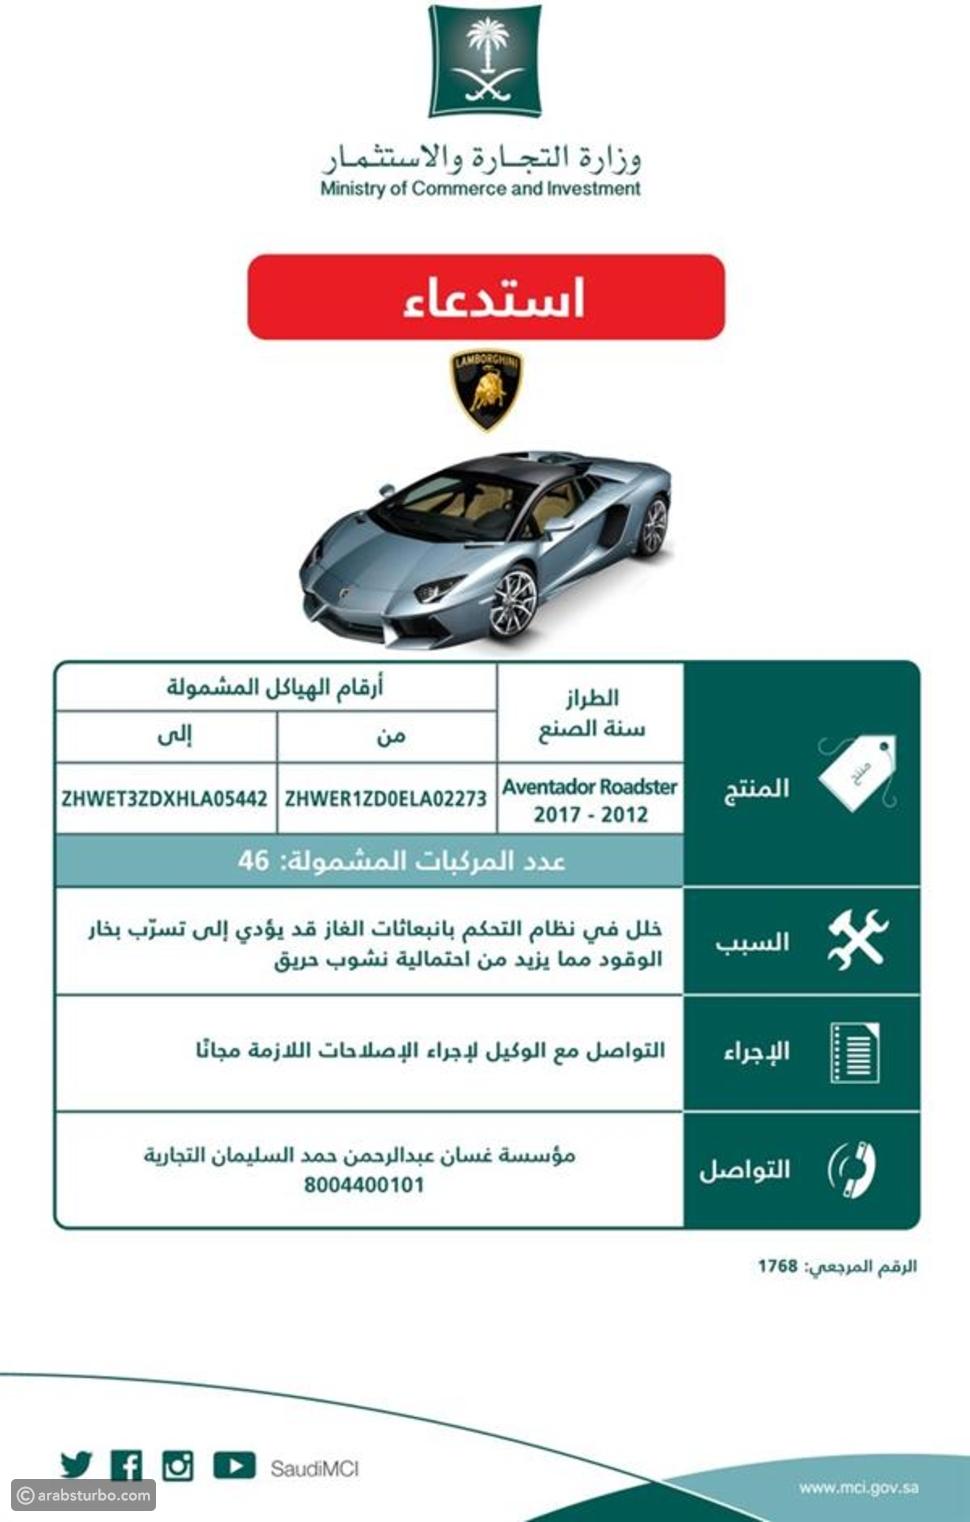 صور استدعاء 139 سيارة من طراز لمبرجيني افنتادور بالسعودية